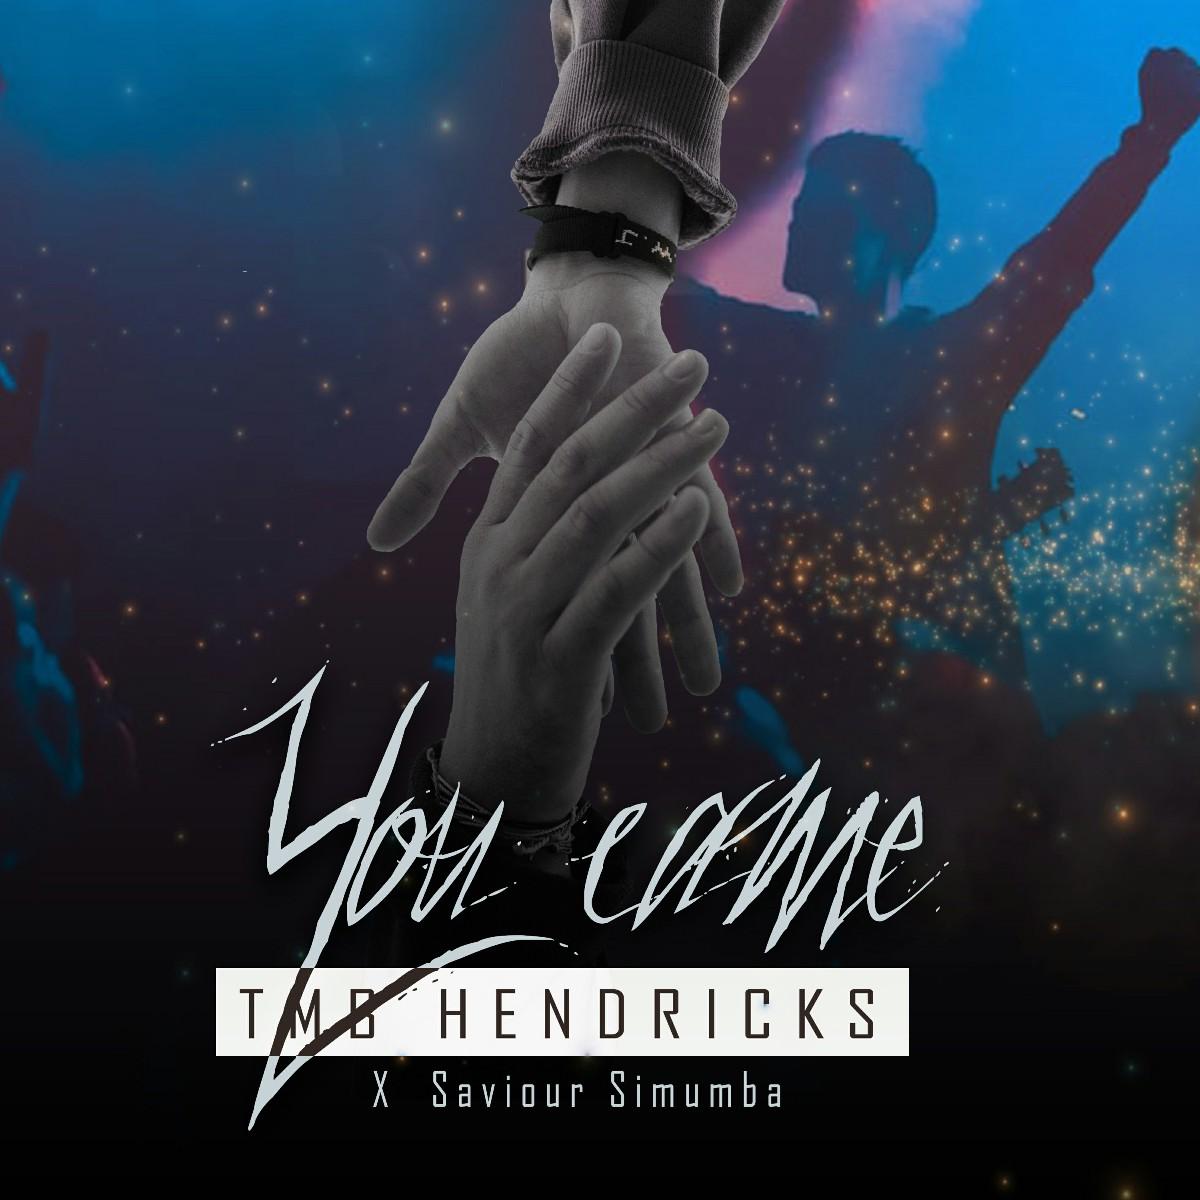 TMB Hendricks X Saviour Simumba - You Came